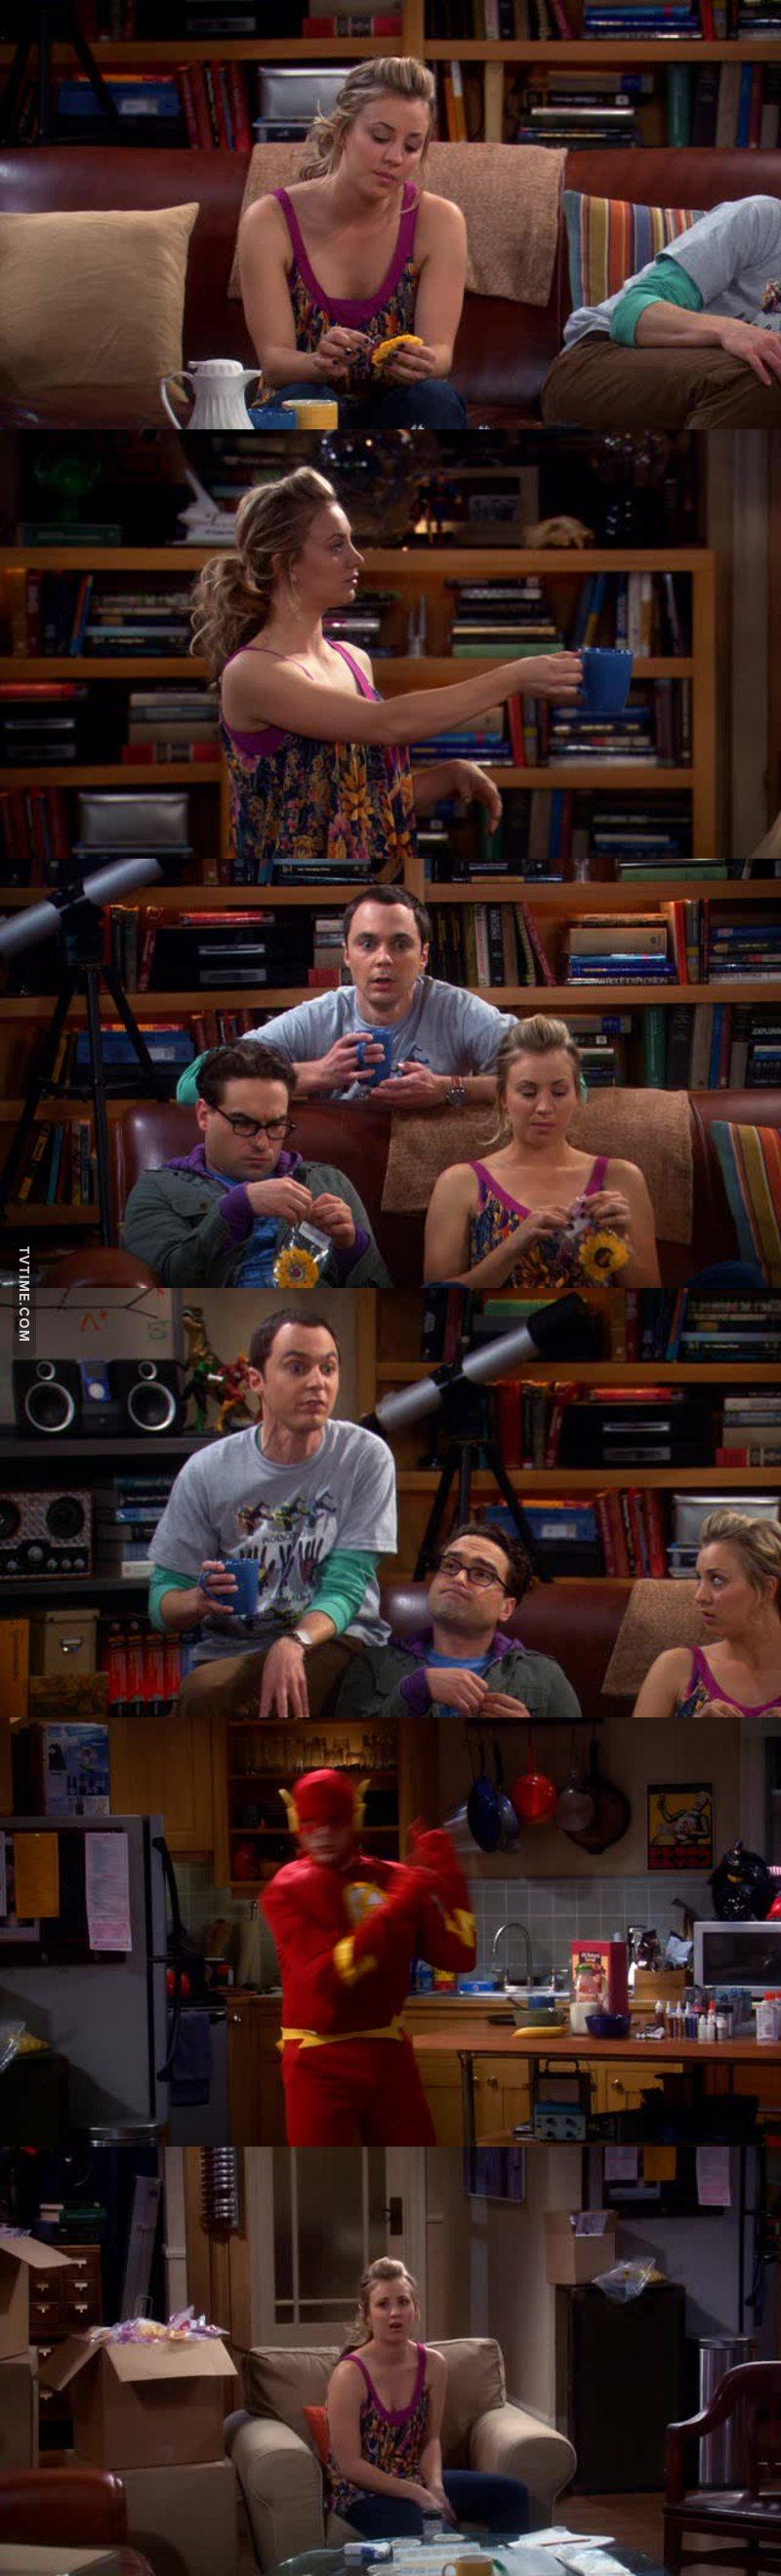 Sheldon e il caffé! 😂😂😂